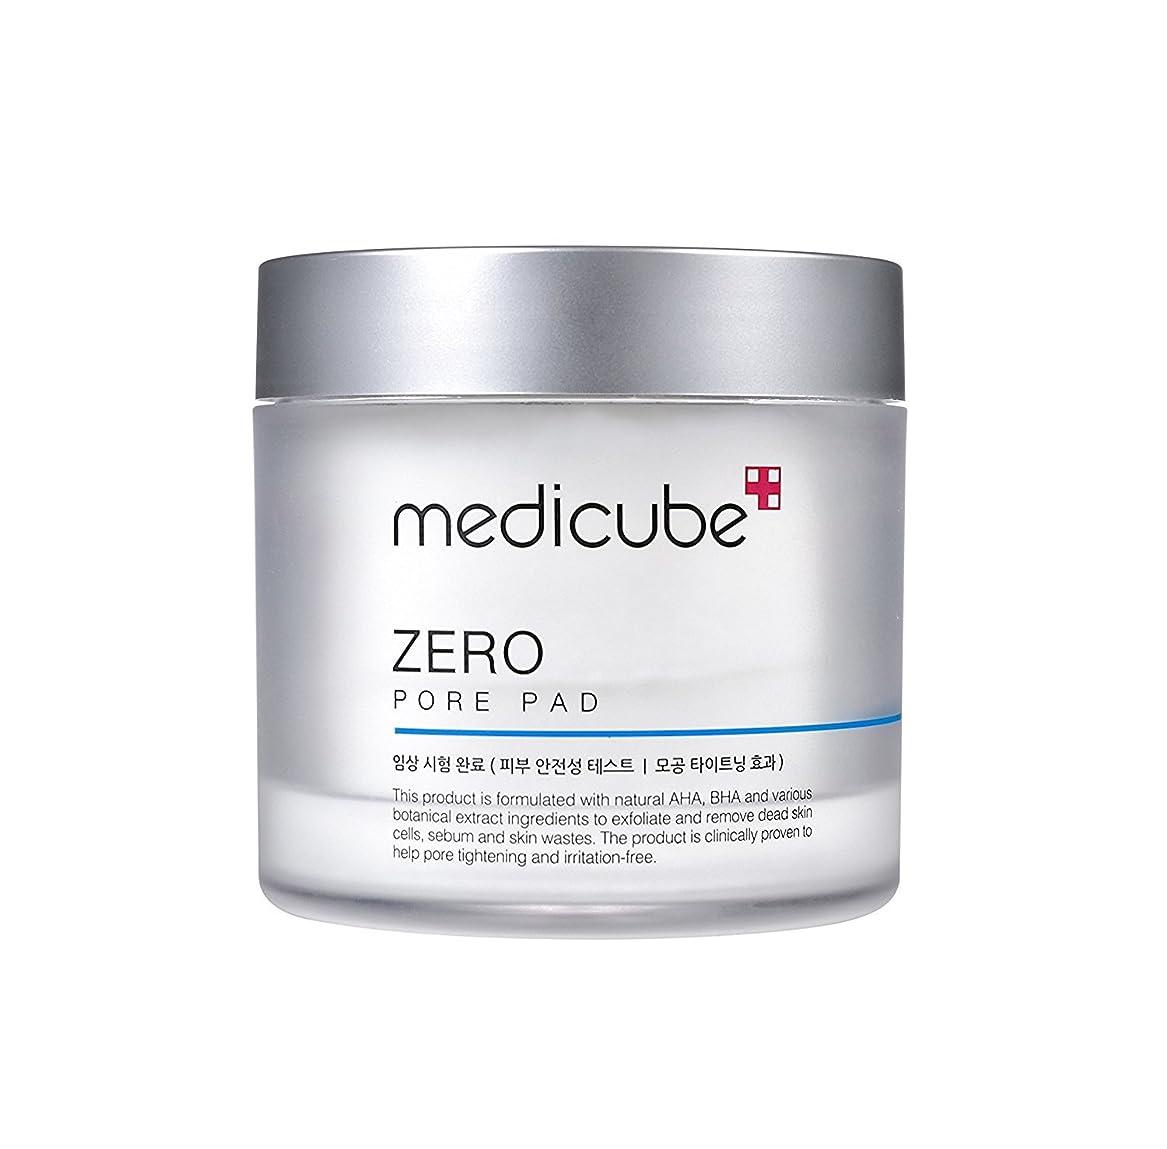 否定する冒険家できる[Medicube]Zero Pore Pad / ゼロ毛穴パッド / 正品?海外直送商品 [並行輸入品]